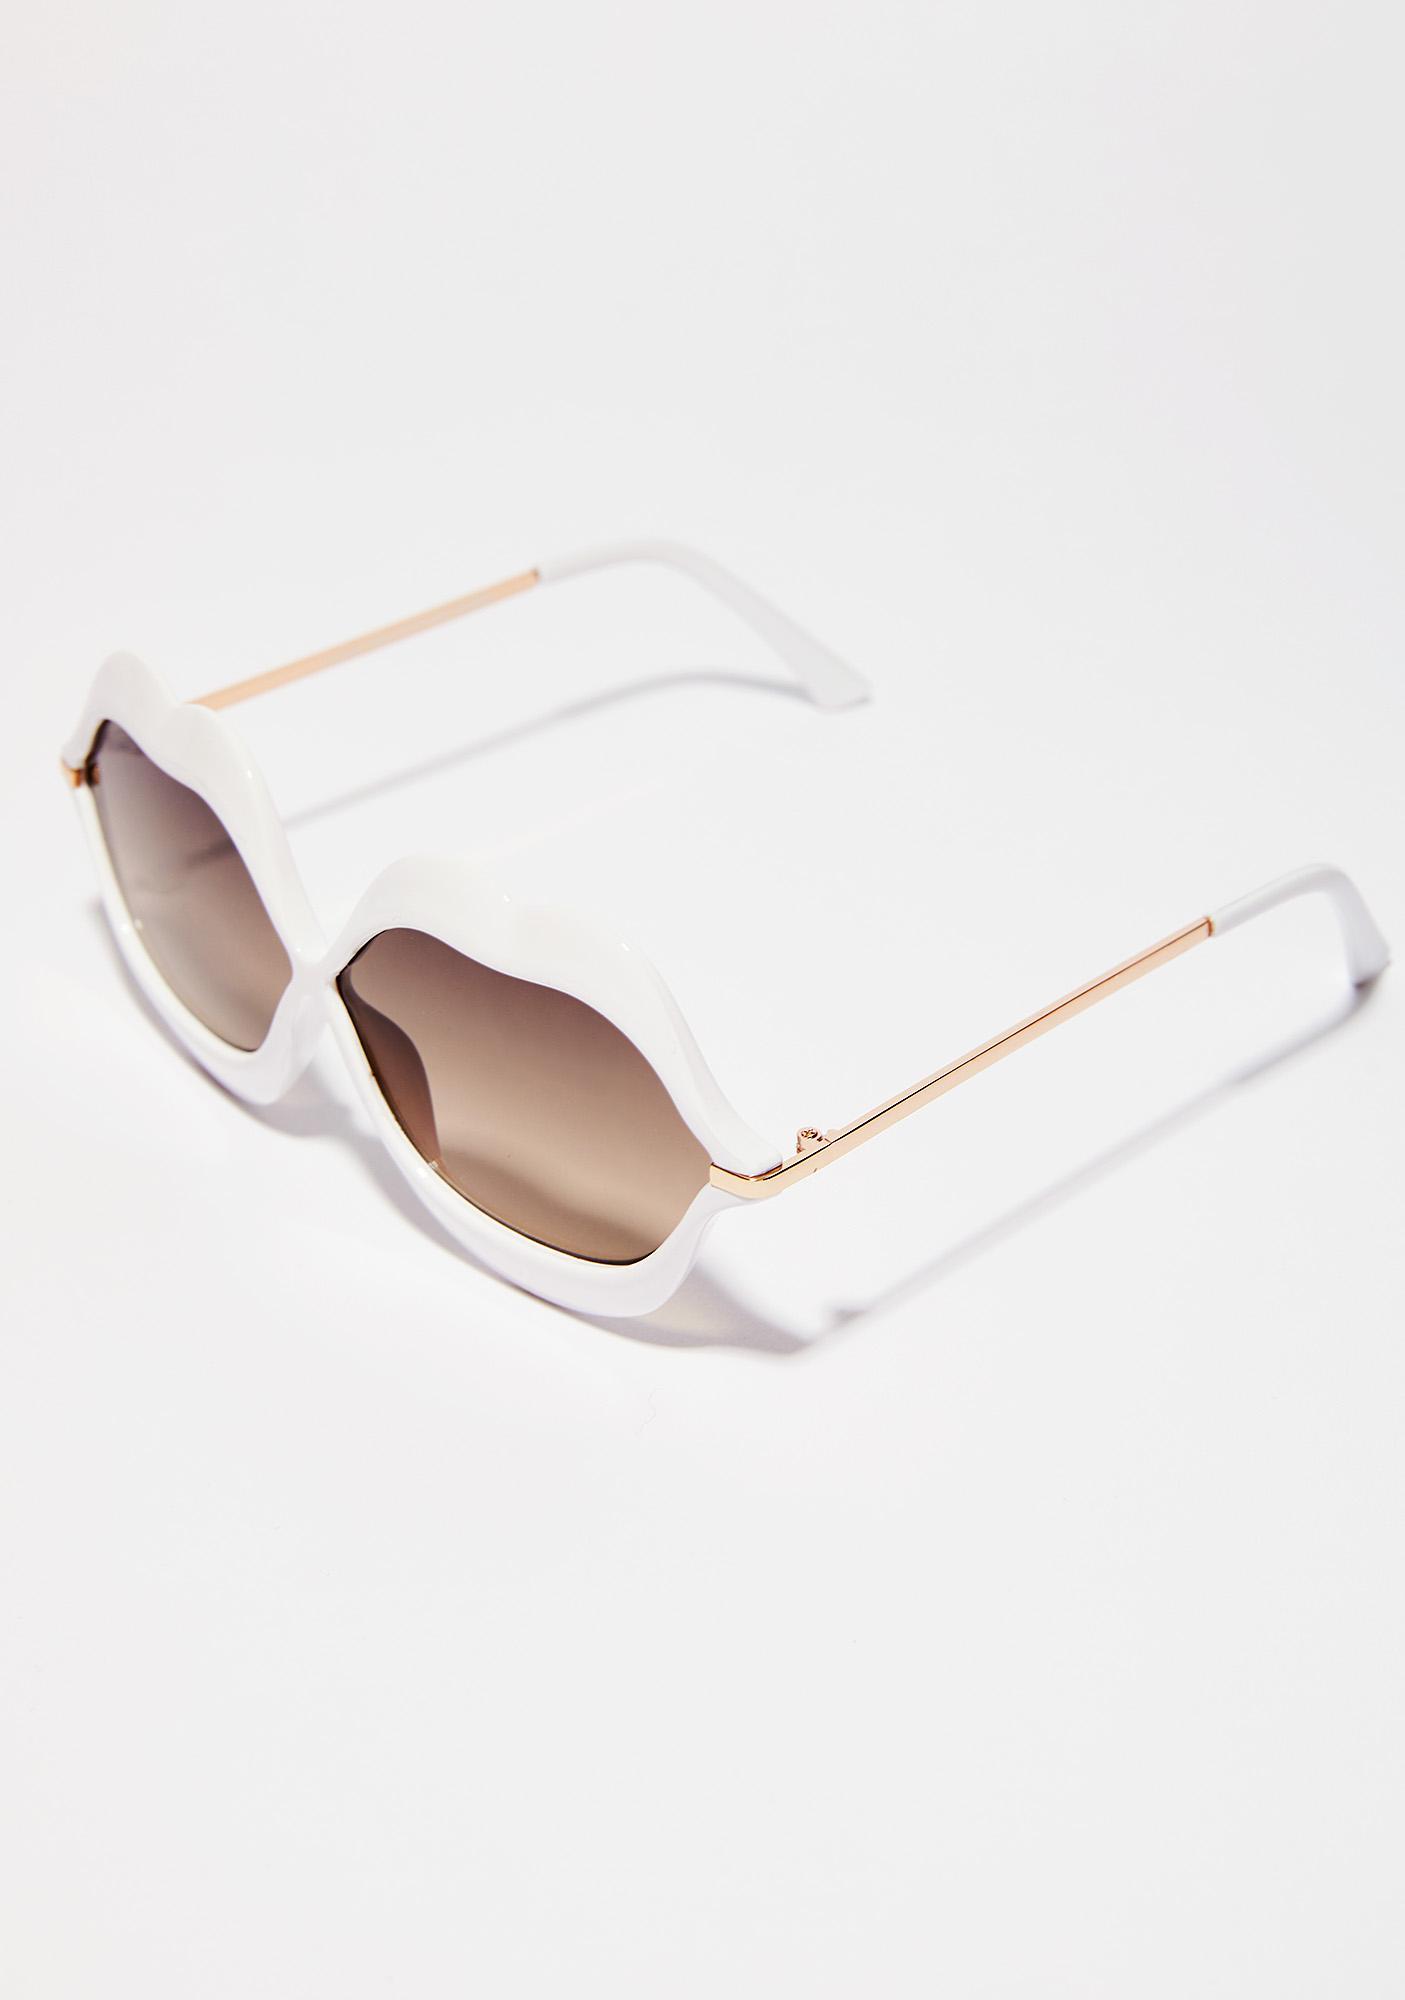 Daisy Read My Lips Sunglasses